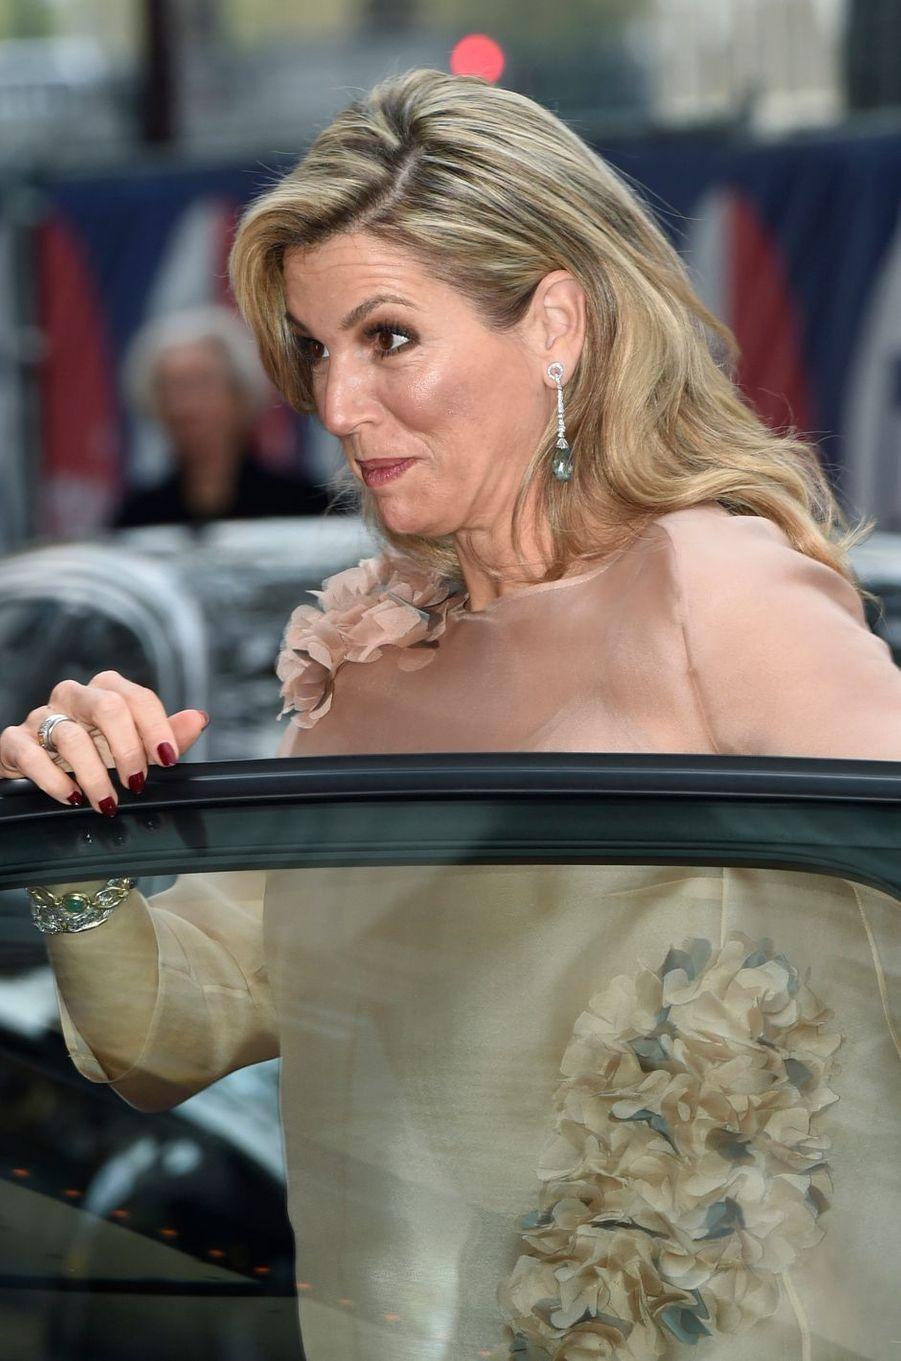 La reine Maxima des Pays-Bas à Amsterdam, le 5 mai 2017